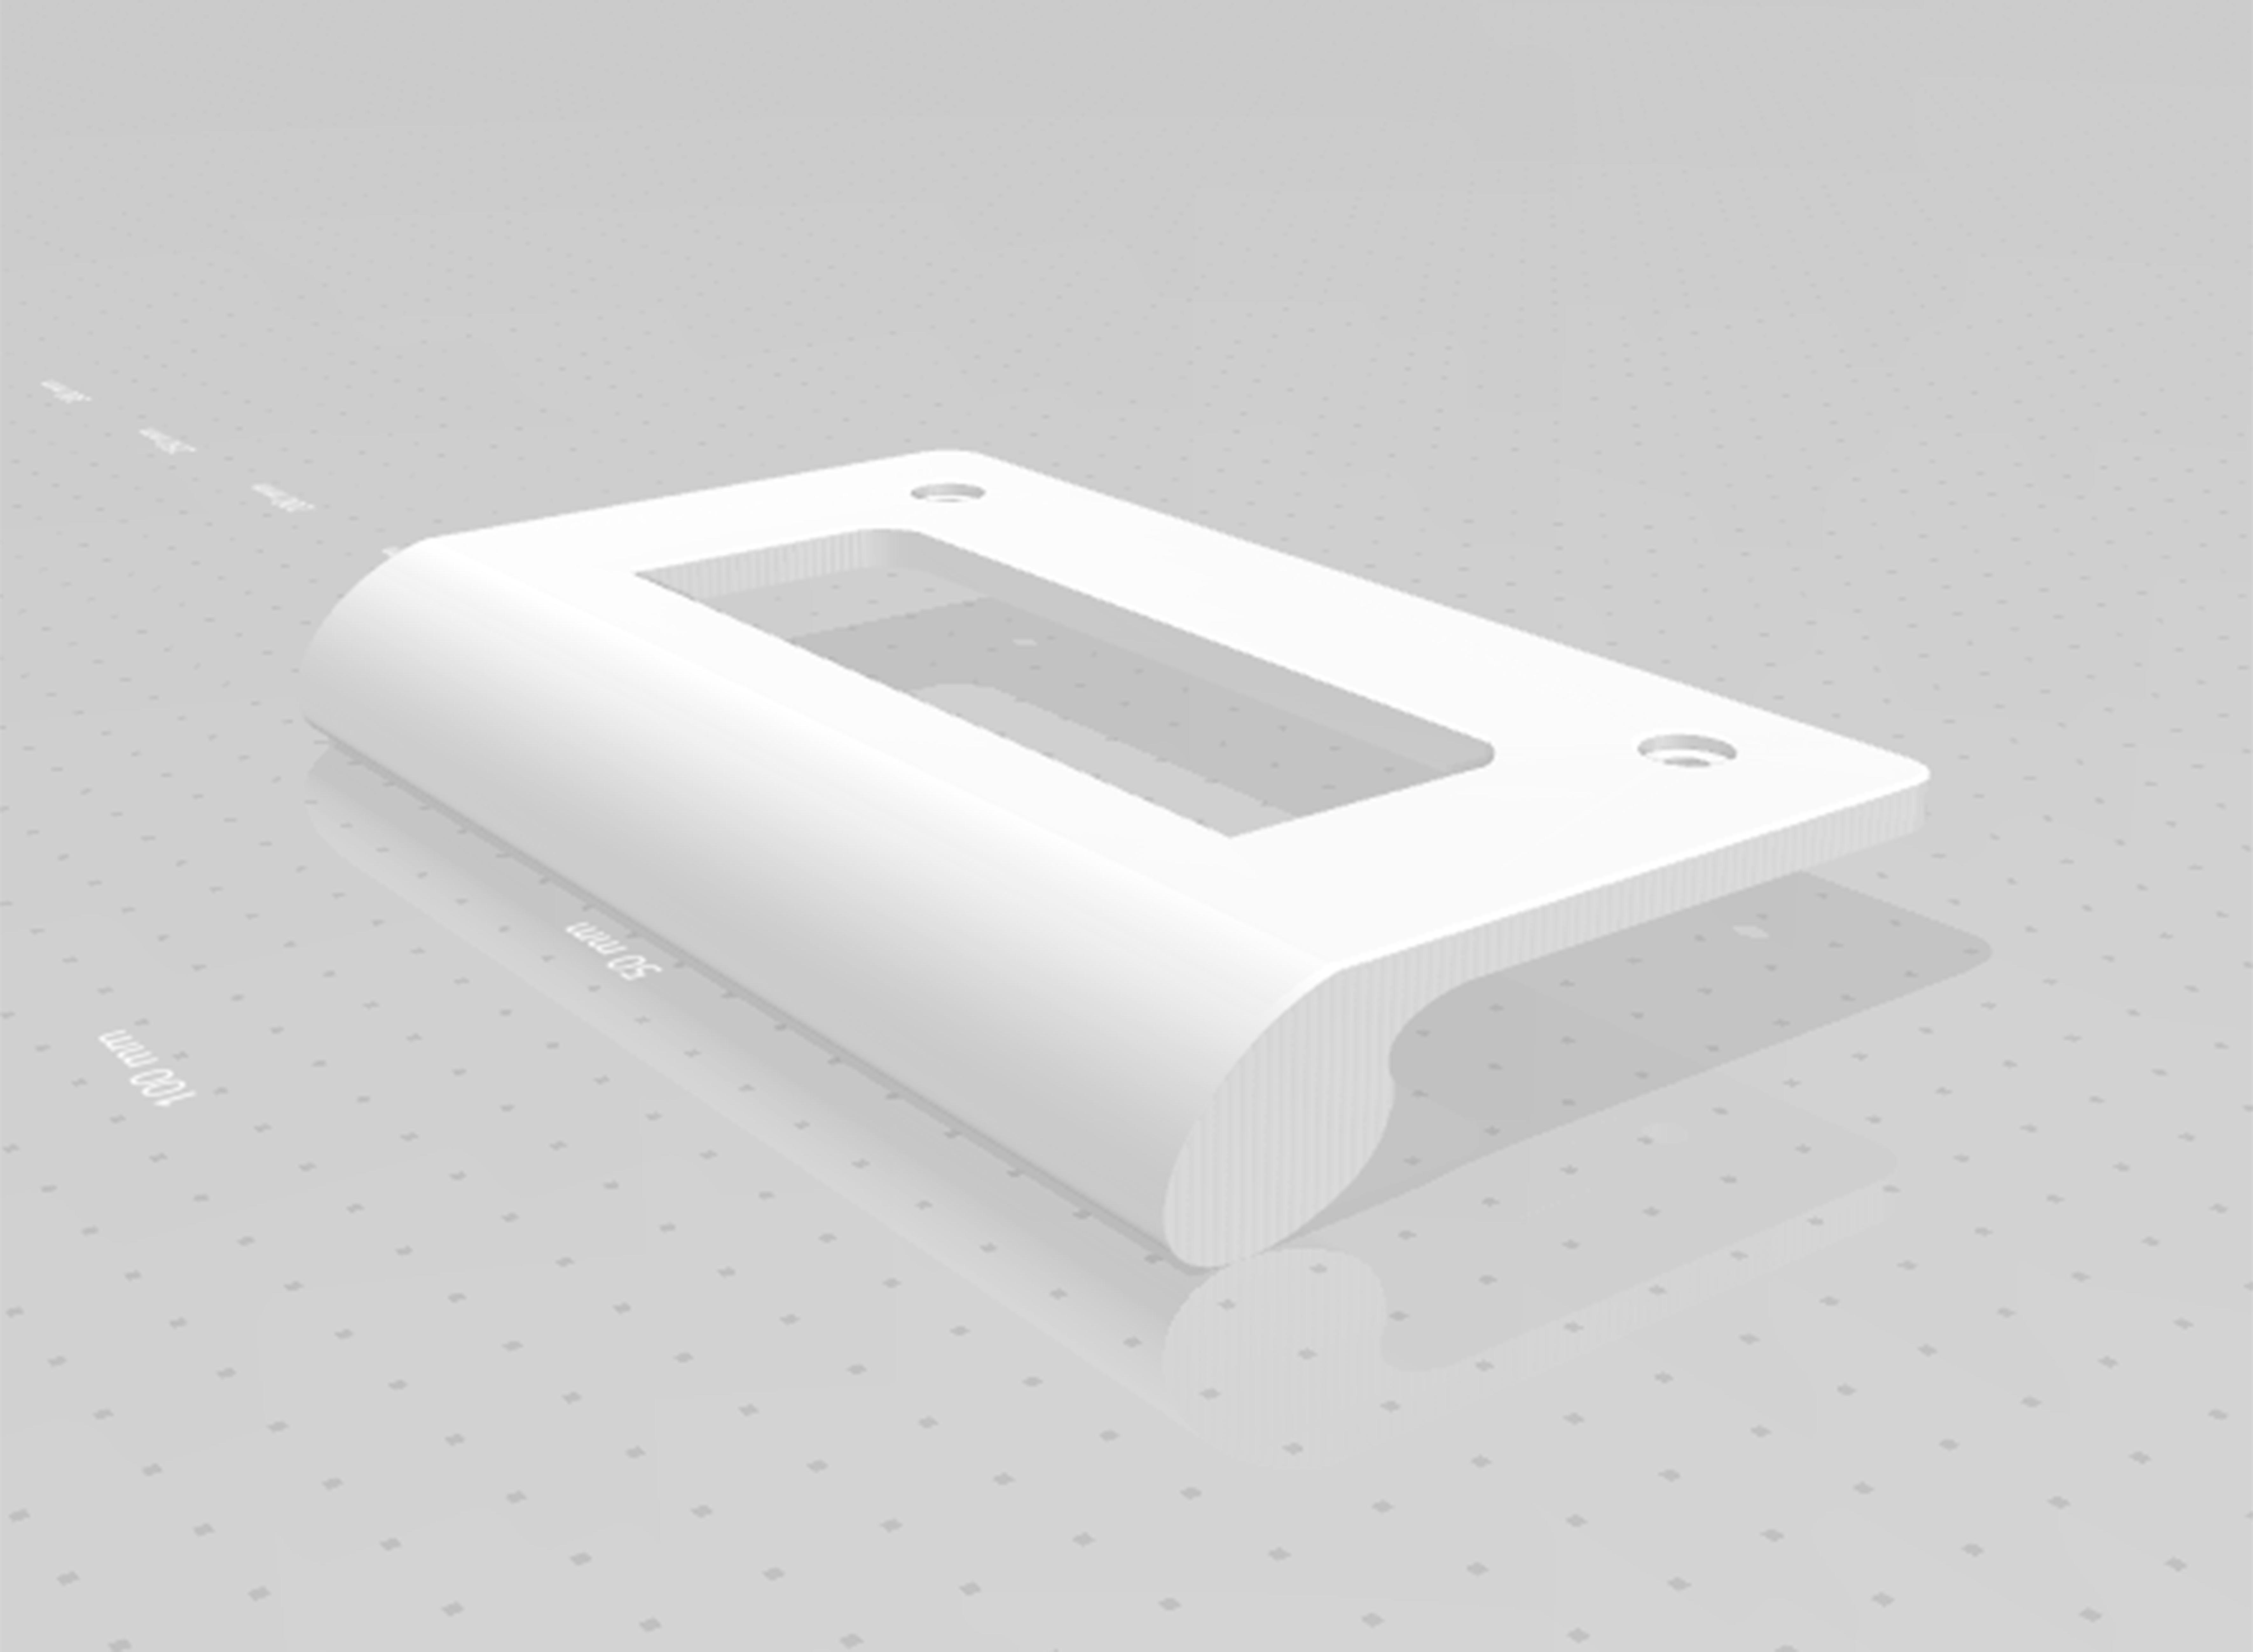 maneta2.jpg Télécharger fichier STL gratuit Poignée de réfrigérateur • Objet pour impression 3D, rafelcalamillor